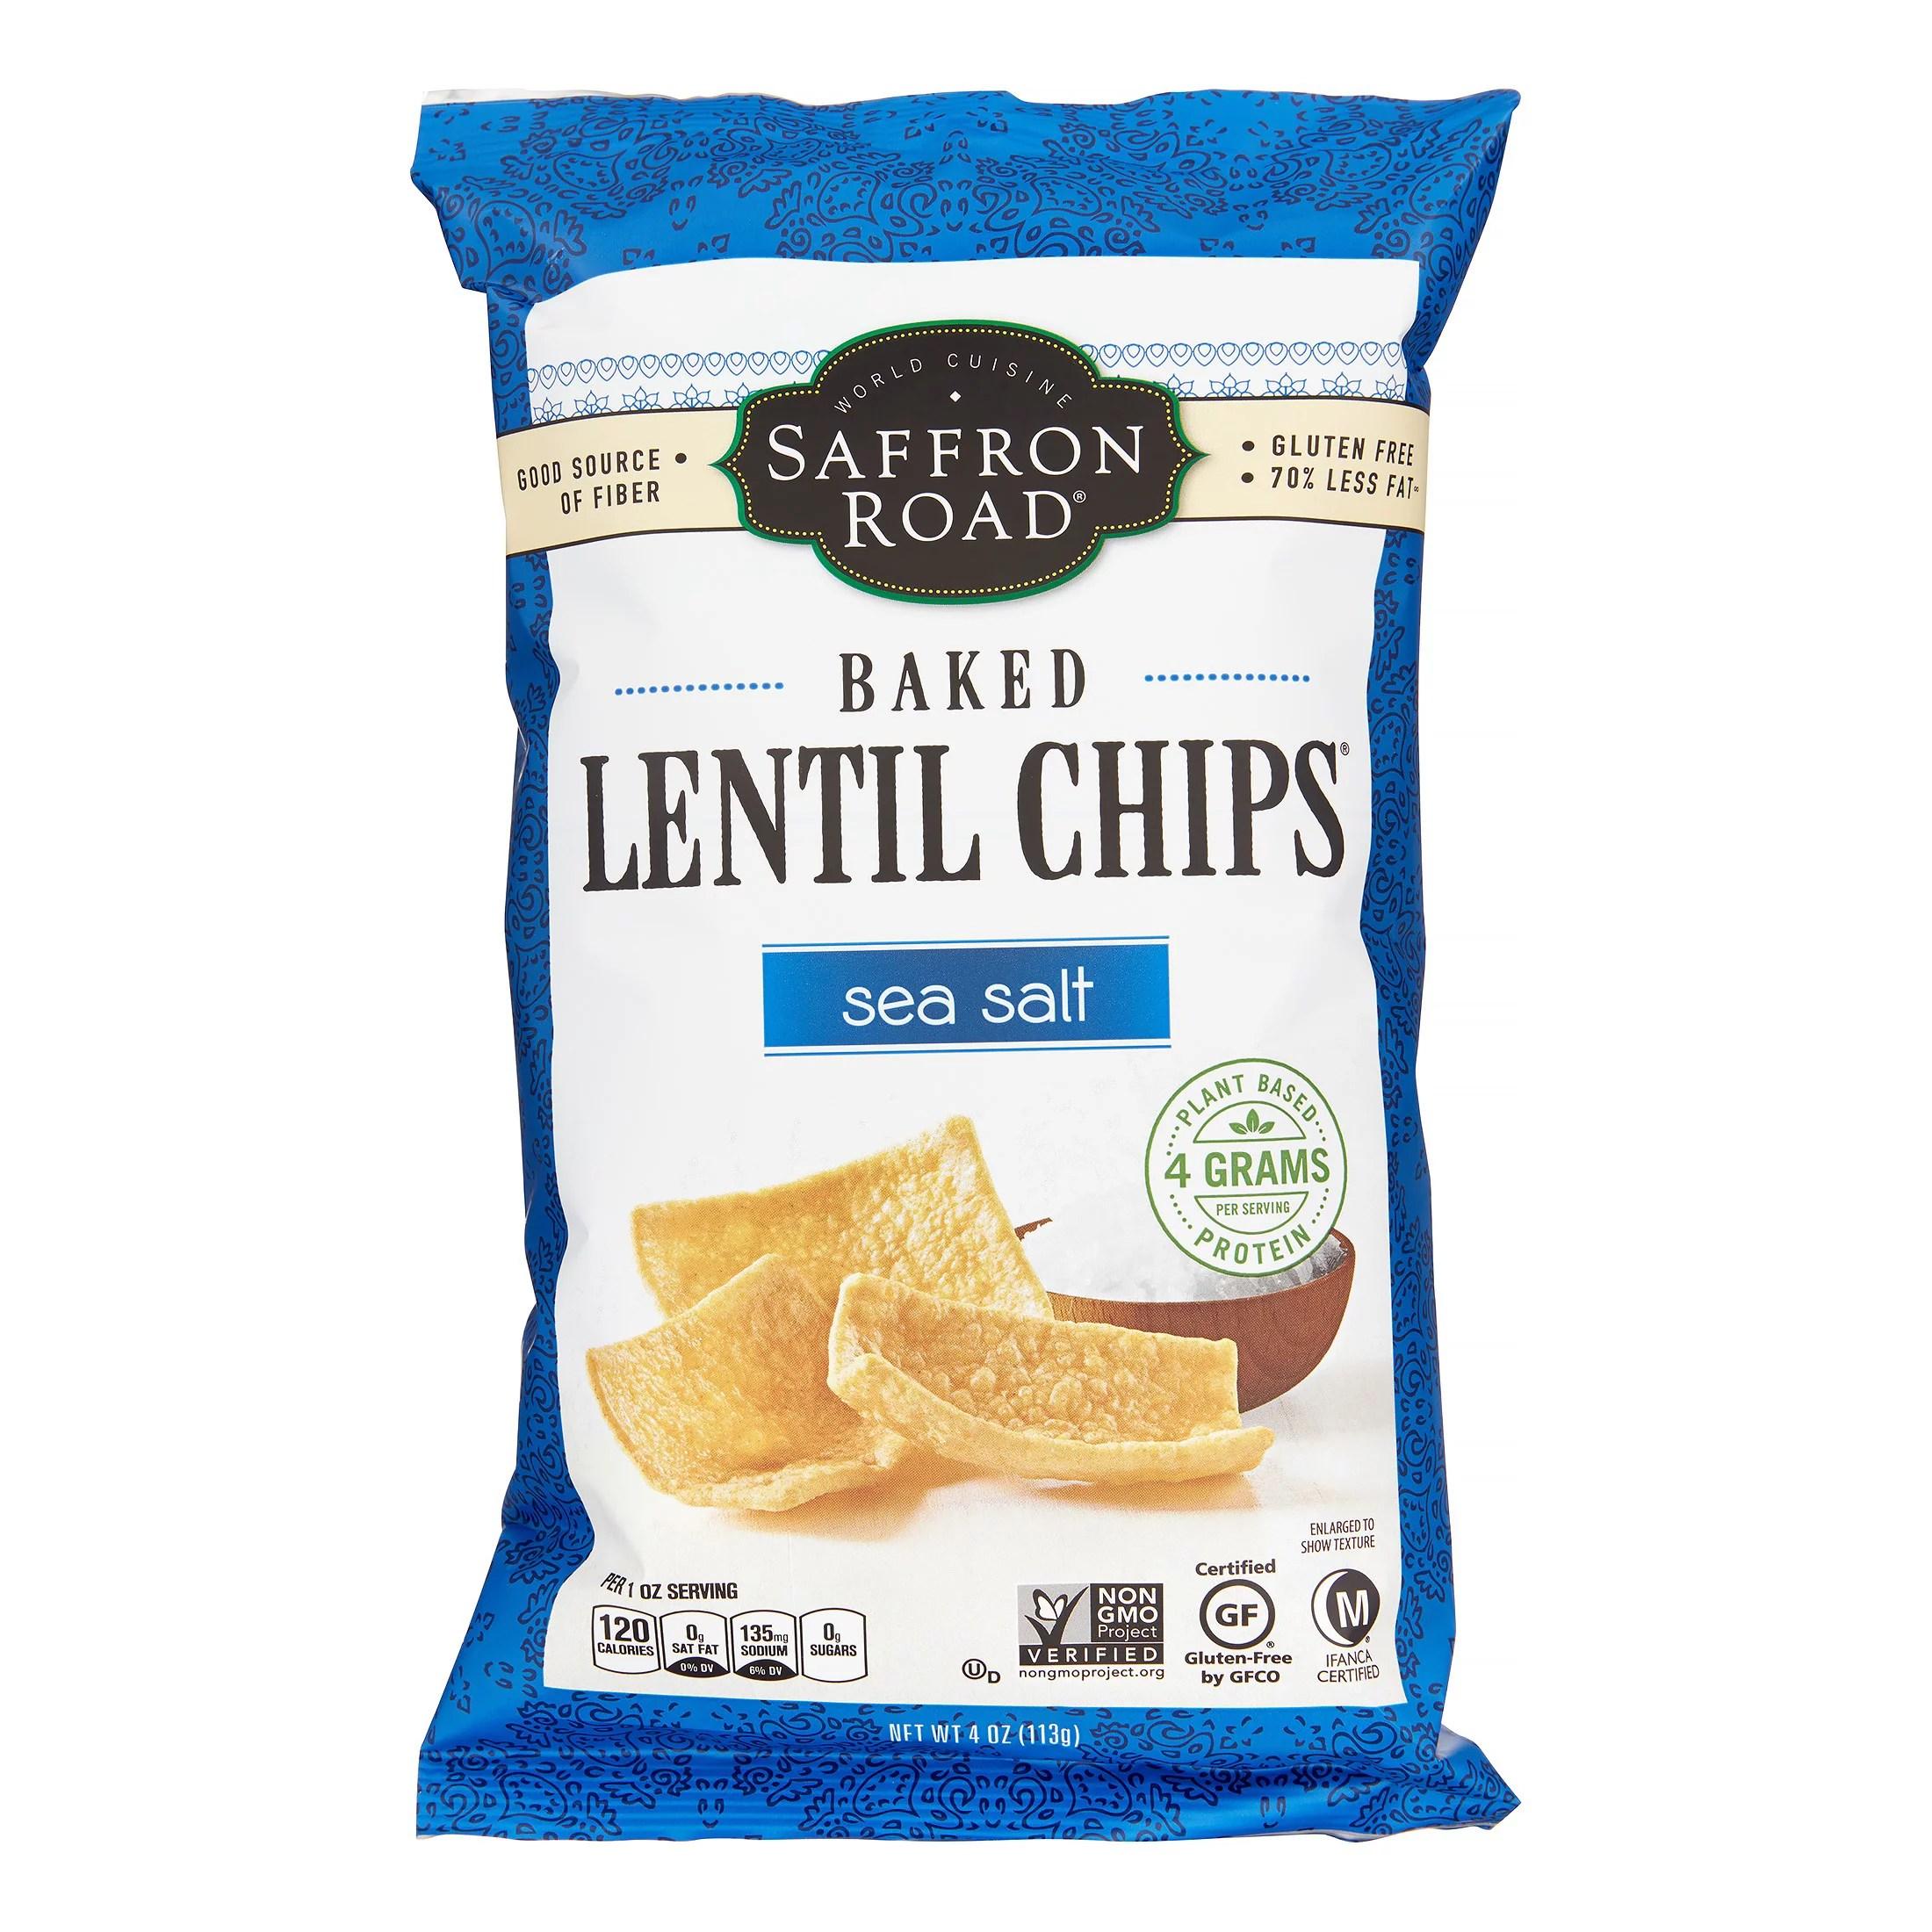 Saffron Road Lentil Chips Sea Salt Baked 4 Oz Walmartcom